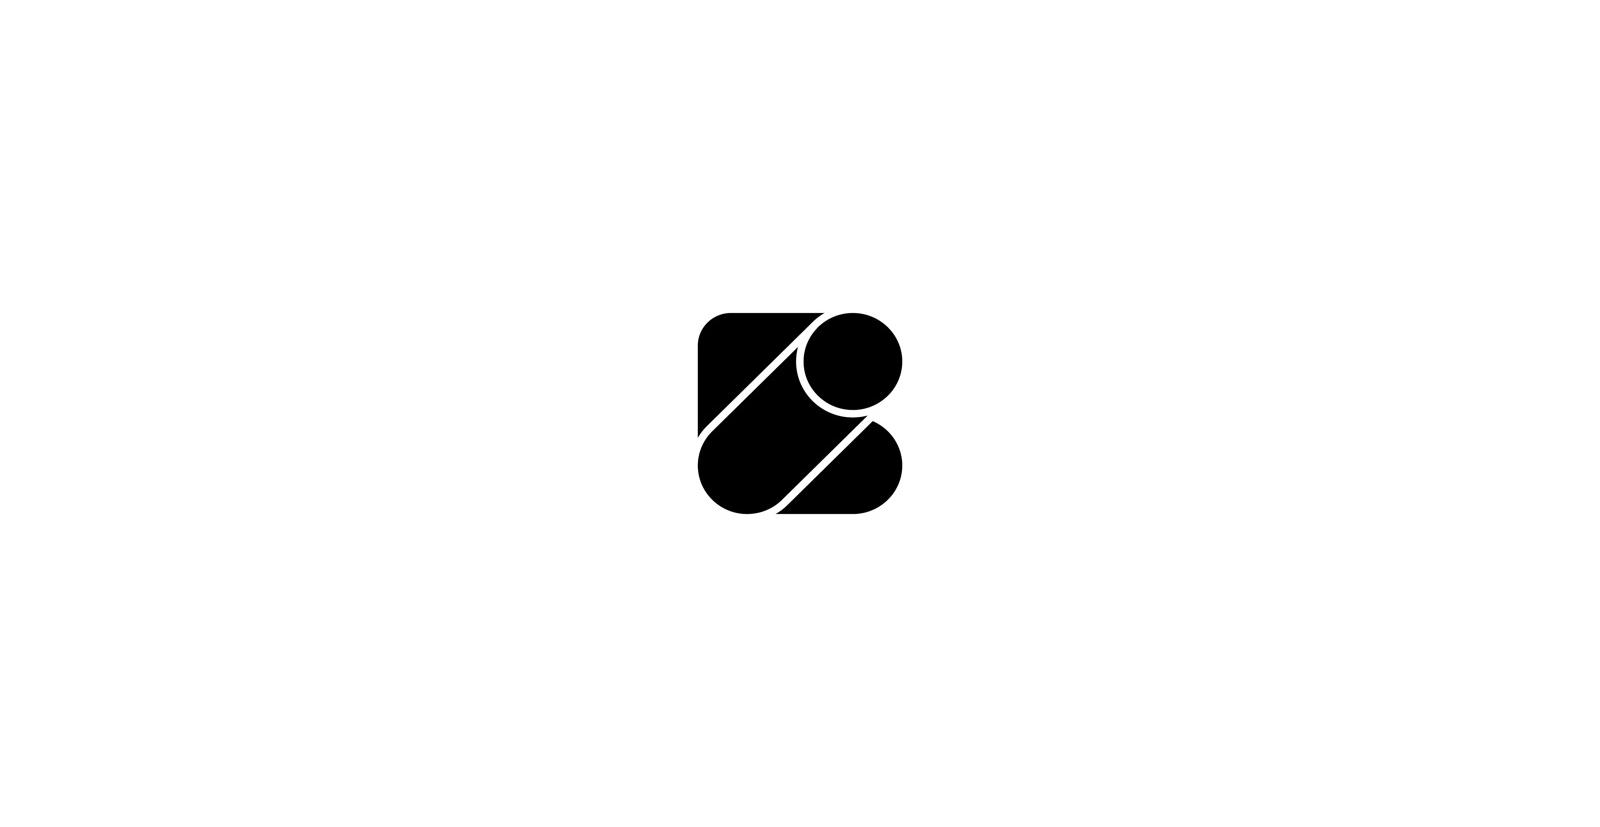 50_logos-49